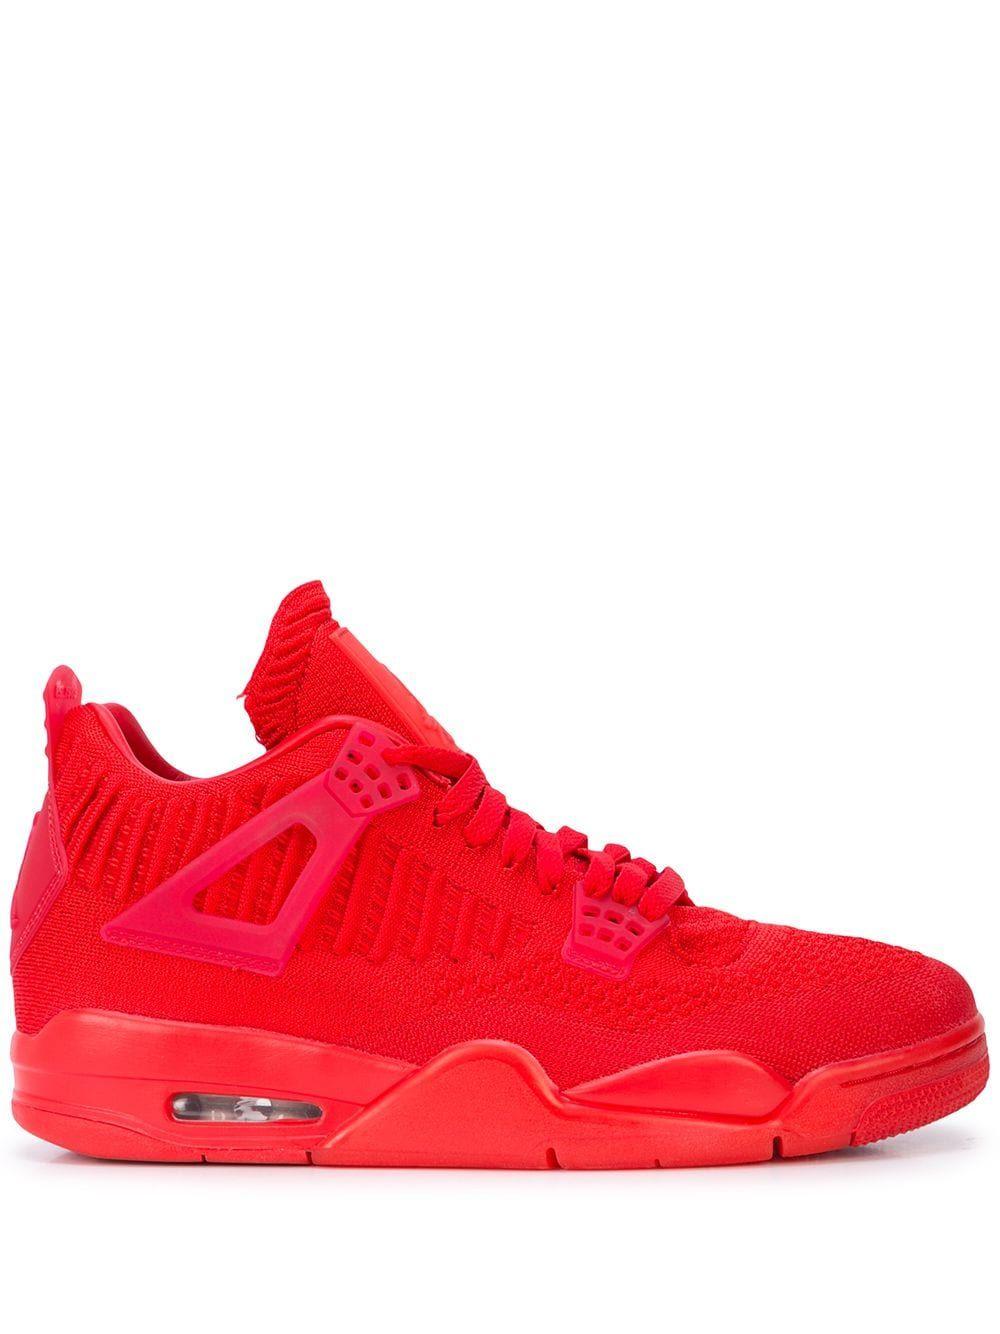 Jordan Air Jordan 4 Retro Flyknit Sneakers In 2020 Air Jordans